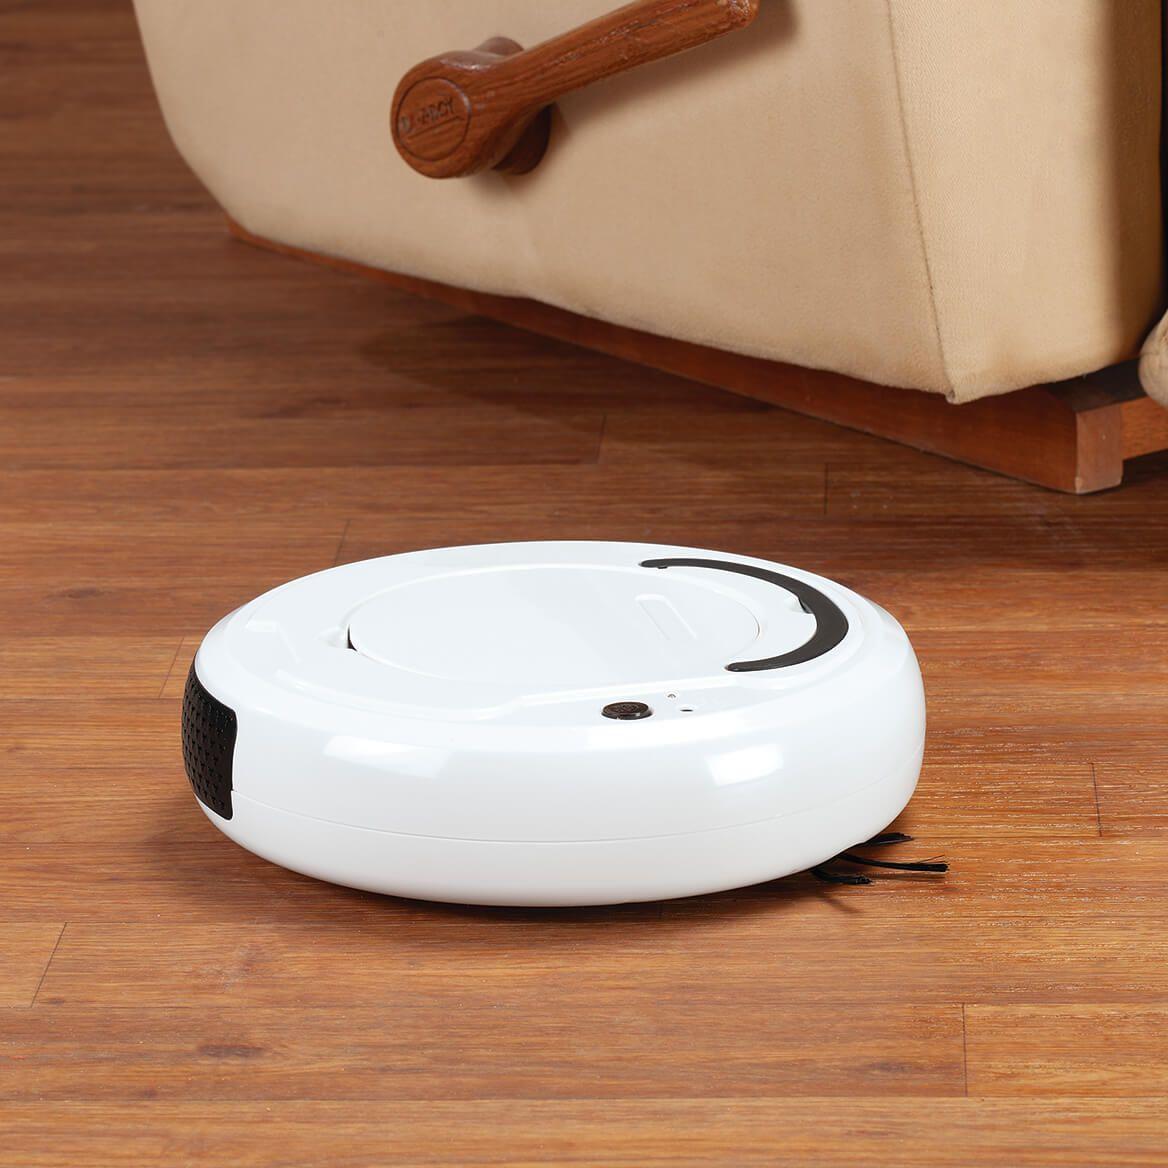 3-in-1 Robot Floor Cleaner and Vacuum-372332